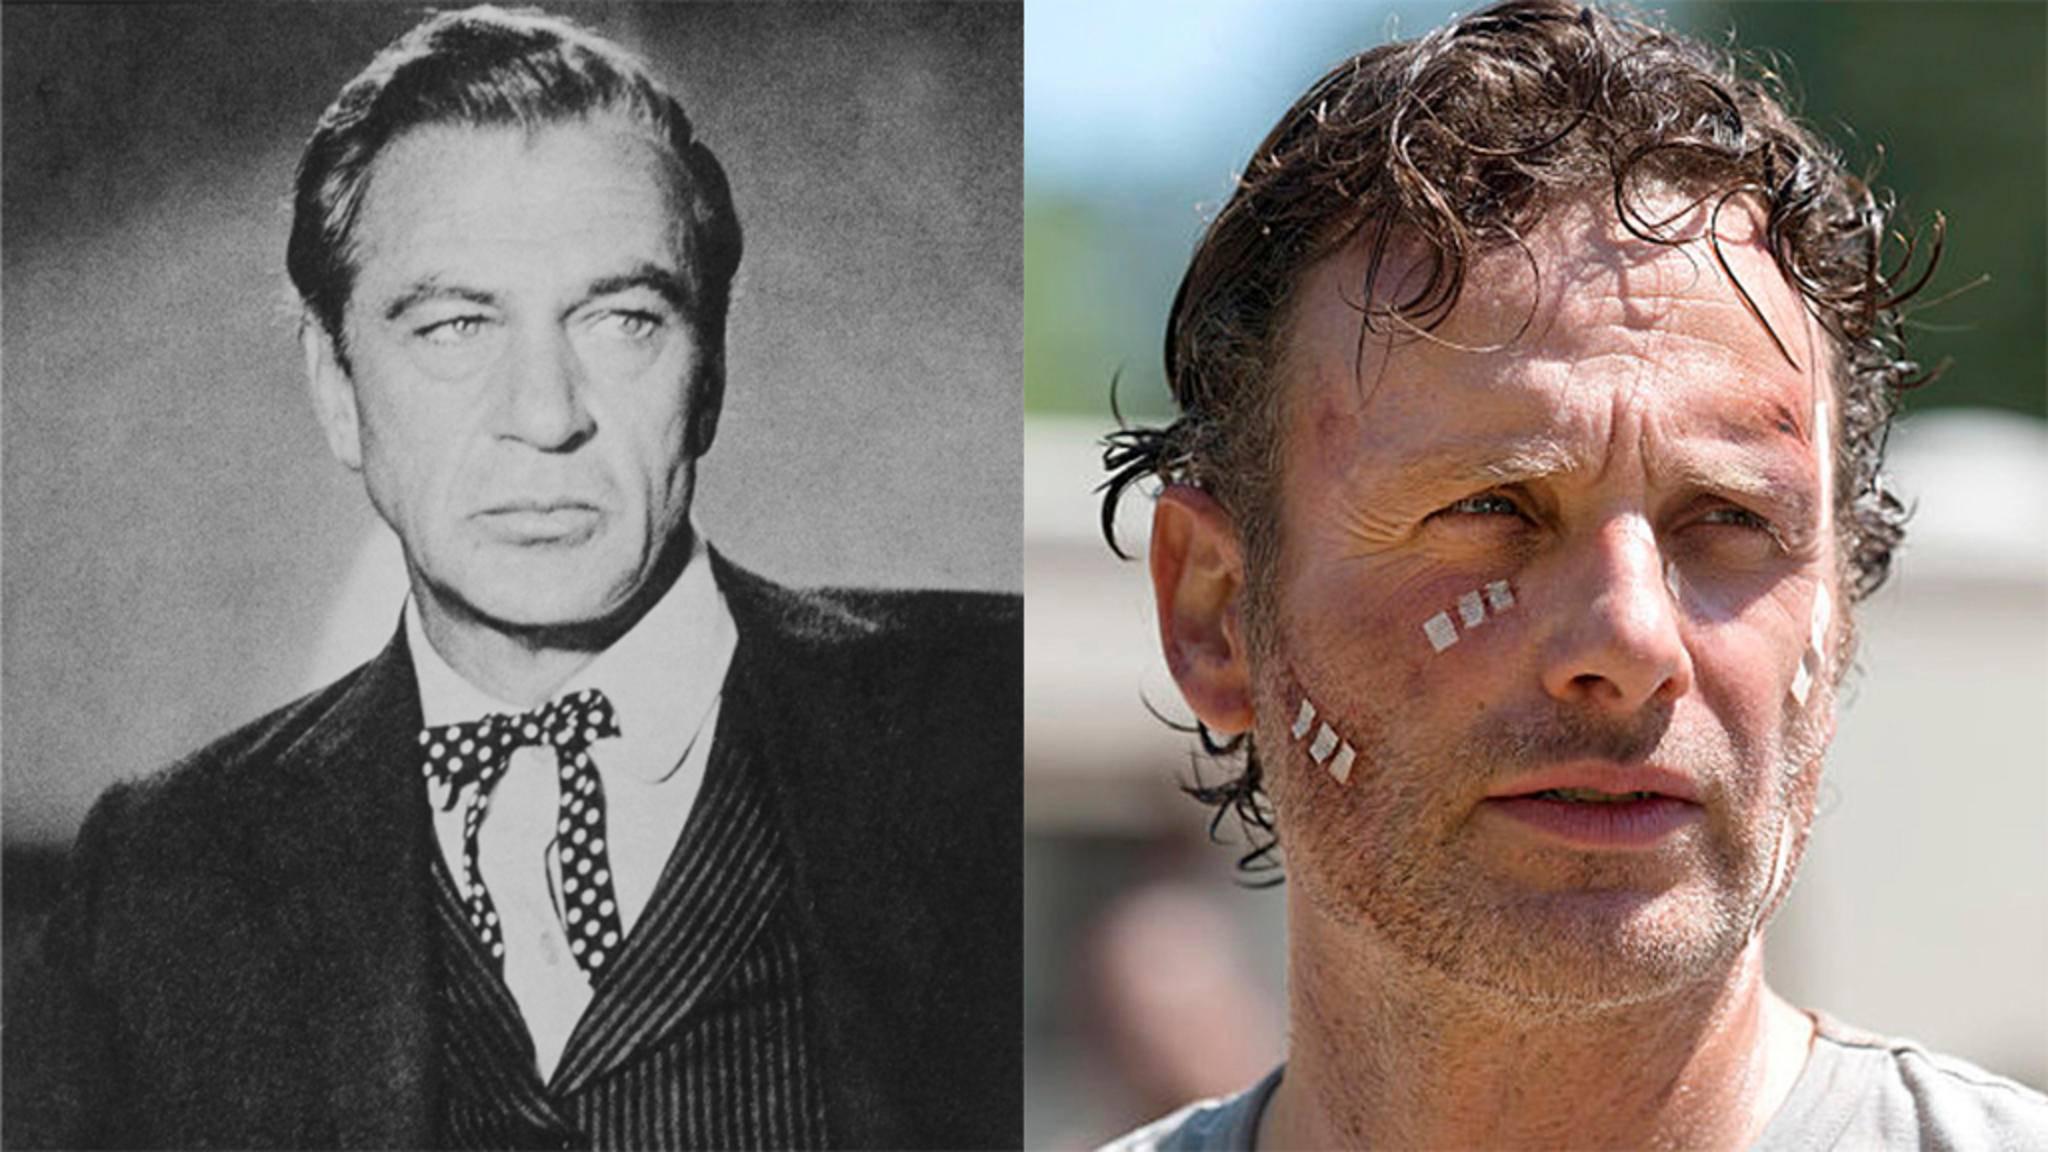 Vom Original abgekupfert: Rick Grimes (r.) und Sheriff Will Kane (l.).